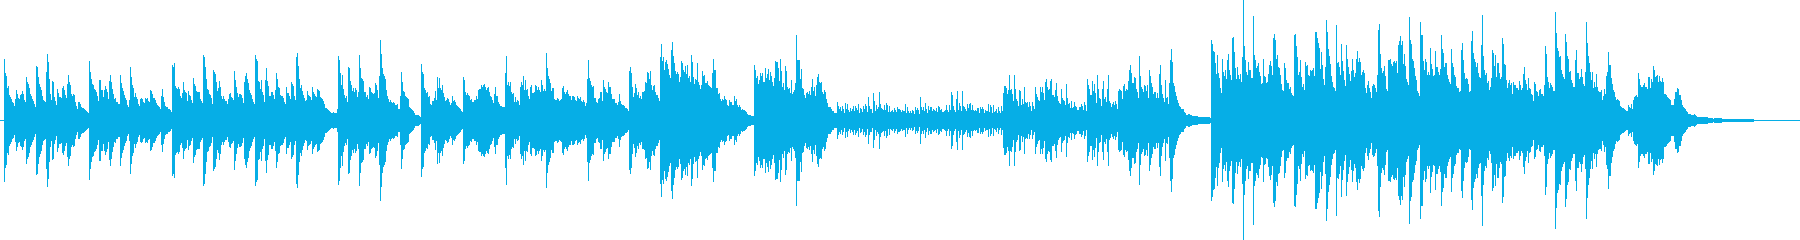 和風のピアノ曲。ストリングスなども有り。の再生済みの波形